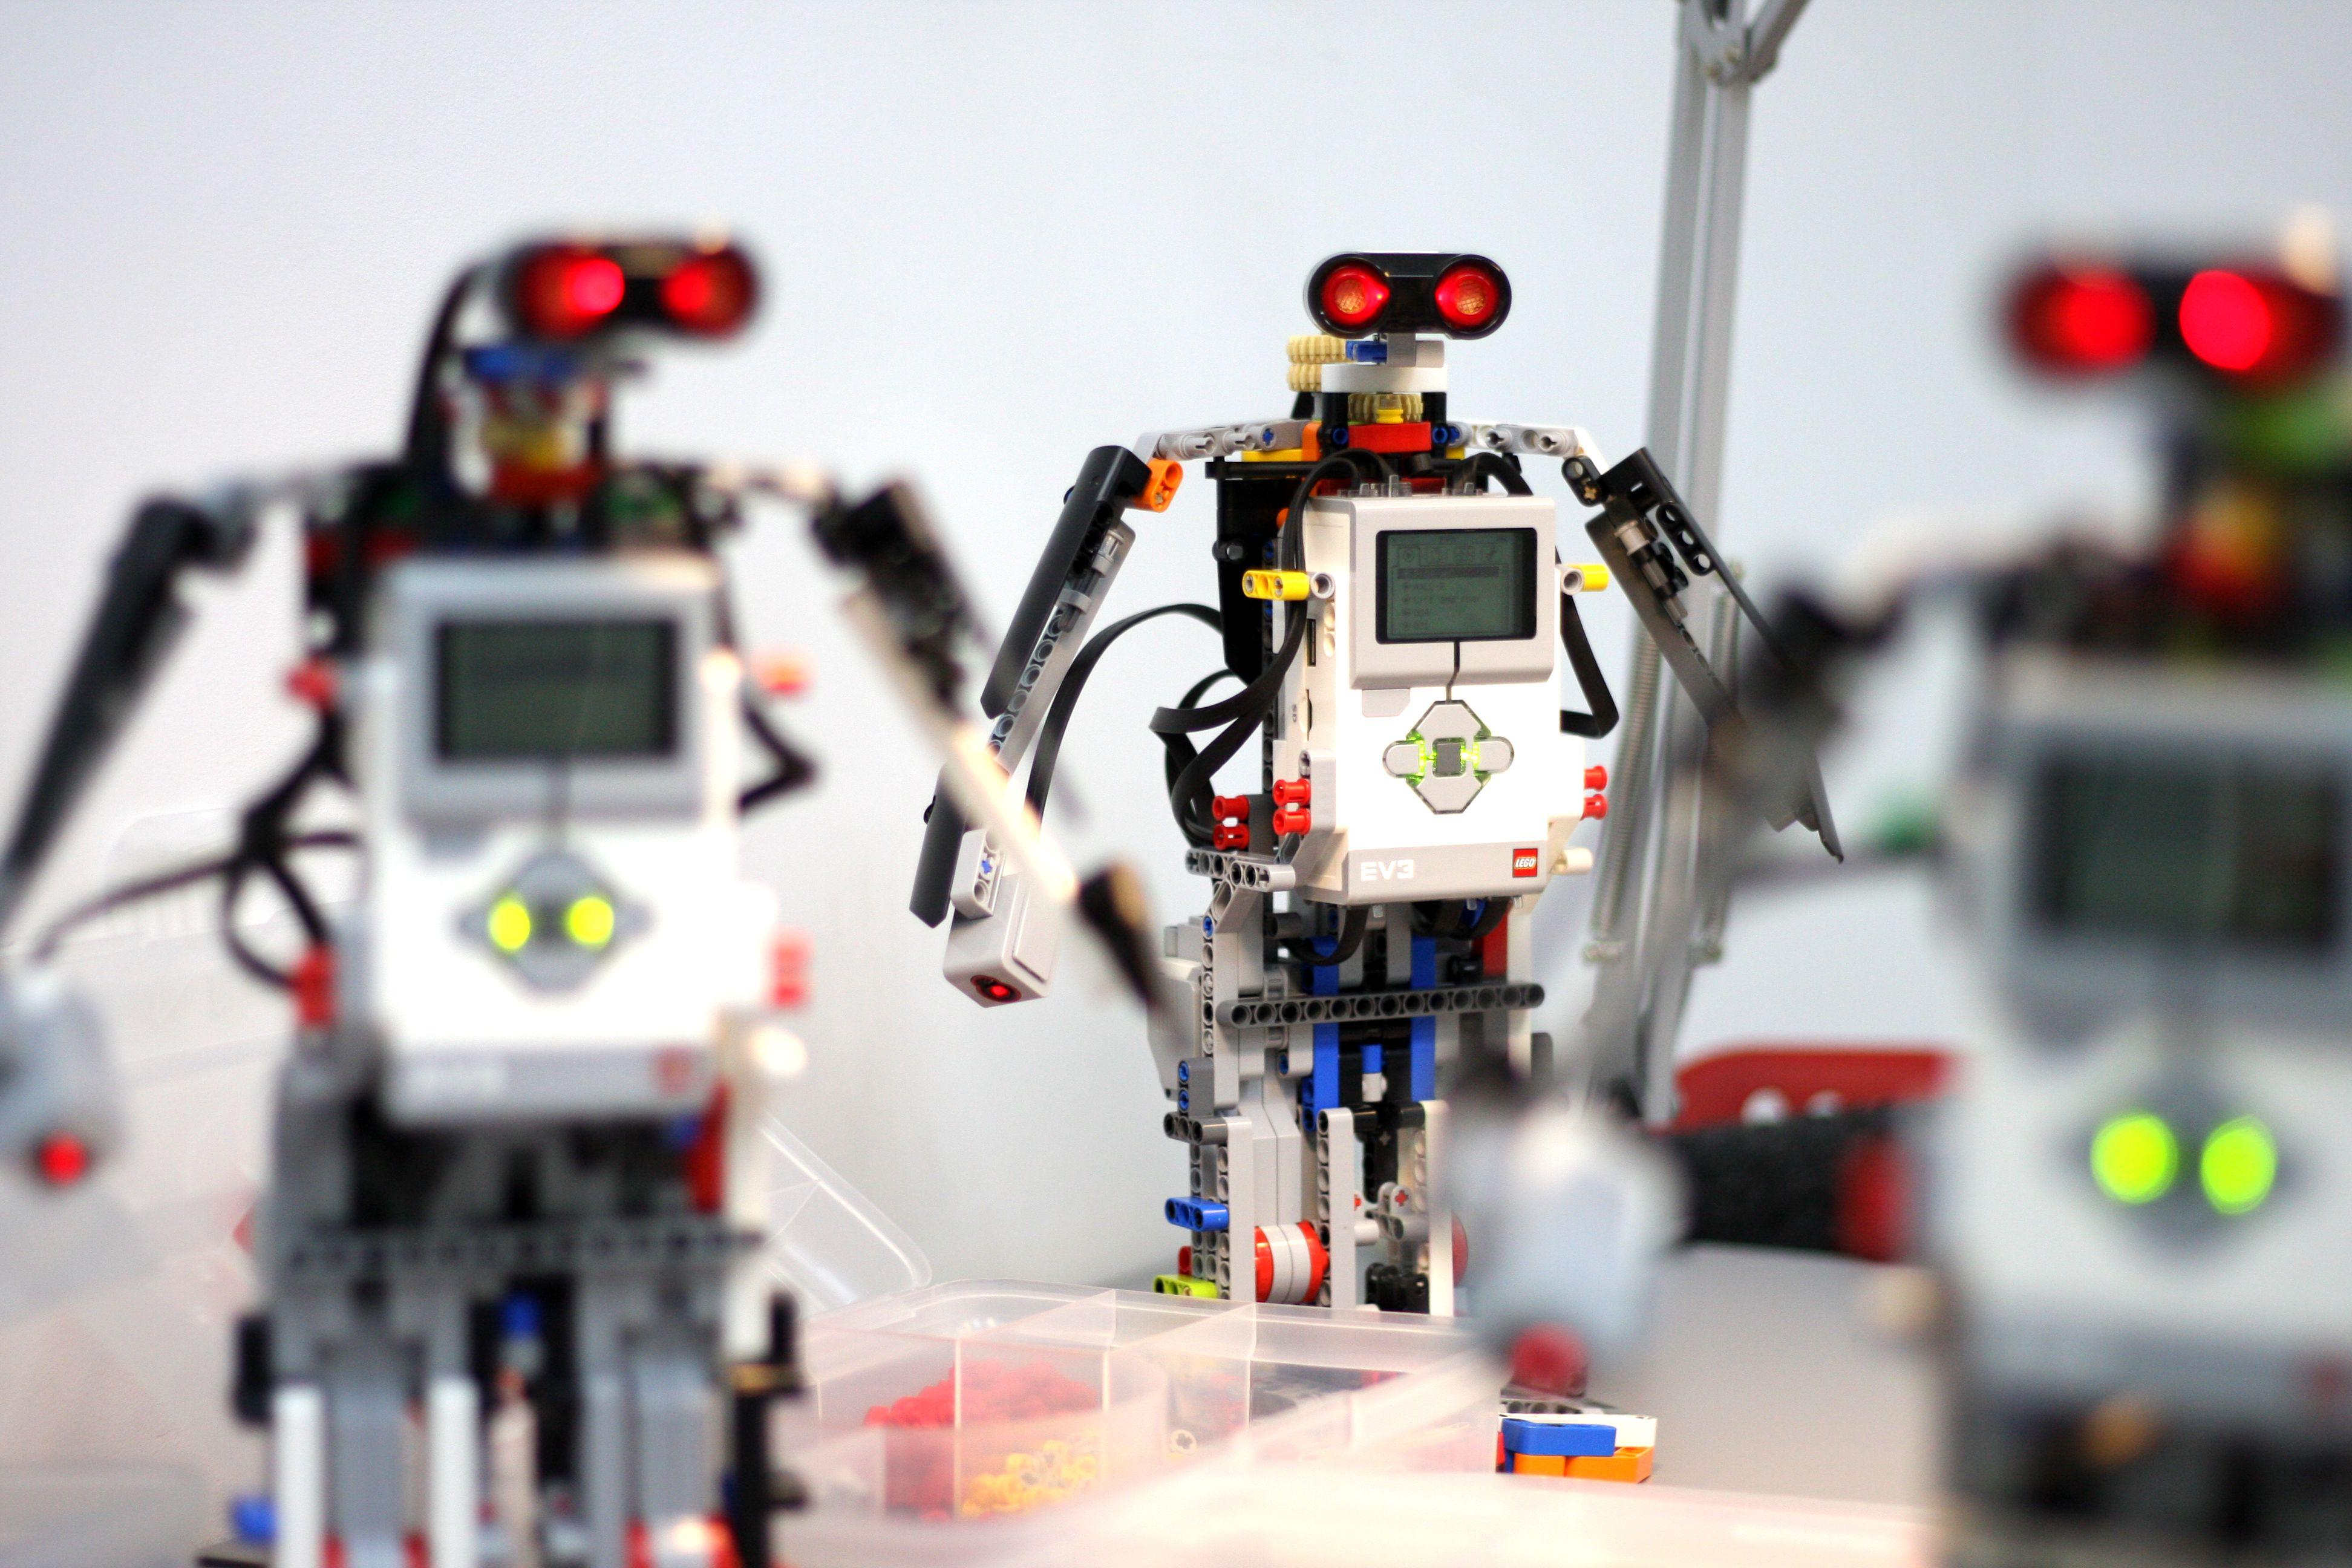 Студенты, преуспевающие в роботостроение, могут претендовать на президентскую стипендию